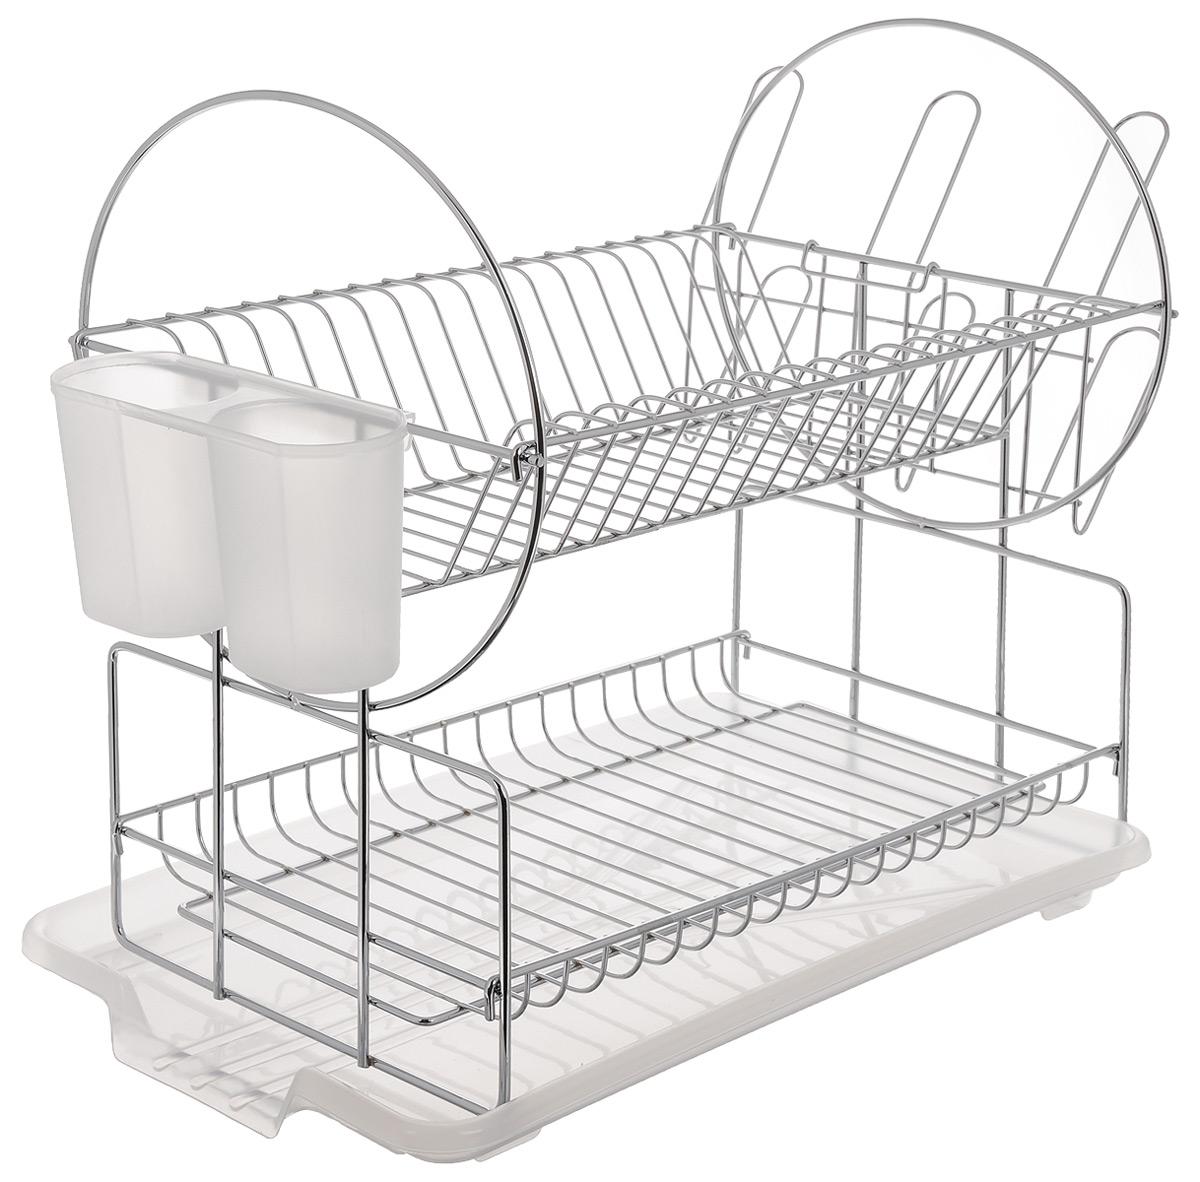 Сушилка для посуды Mayer & Boch, цвет: белый, серебристый, 42 х 22 х 35 см23216Сушилка для посуды Mayer & Boch изготовлена из высококачественных гигиеничных материалов. Корпус выполнен из хромированного металла, поддон и подставка для столовых приборов - из полипропилена. Сушилка двухъярусная, что позволяет хранить больше посуды. Внизу можно поместить кружки и пиалы, а вверху - тарелки и столовые приборы. Сбоку предусмотрены специальные держатели для стаканов. Прямоугольный поддон для воды поможет вам сохранить кухню в чистоте. Элегантный дизайн позволит сушилке Mayer & Boch стать прекрасным дополнением интерьера кухни.